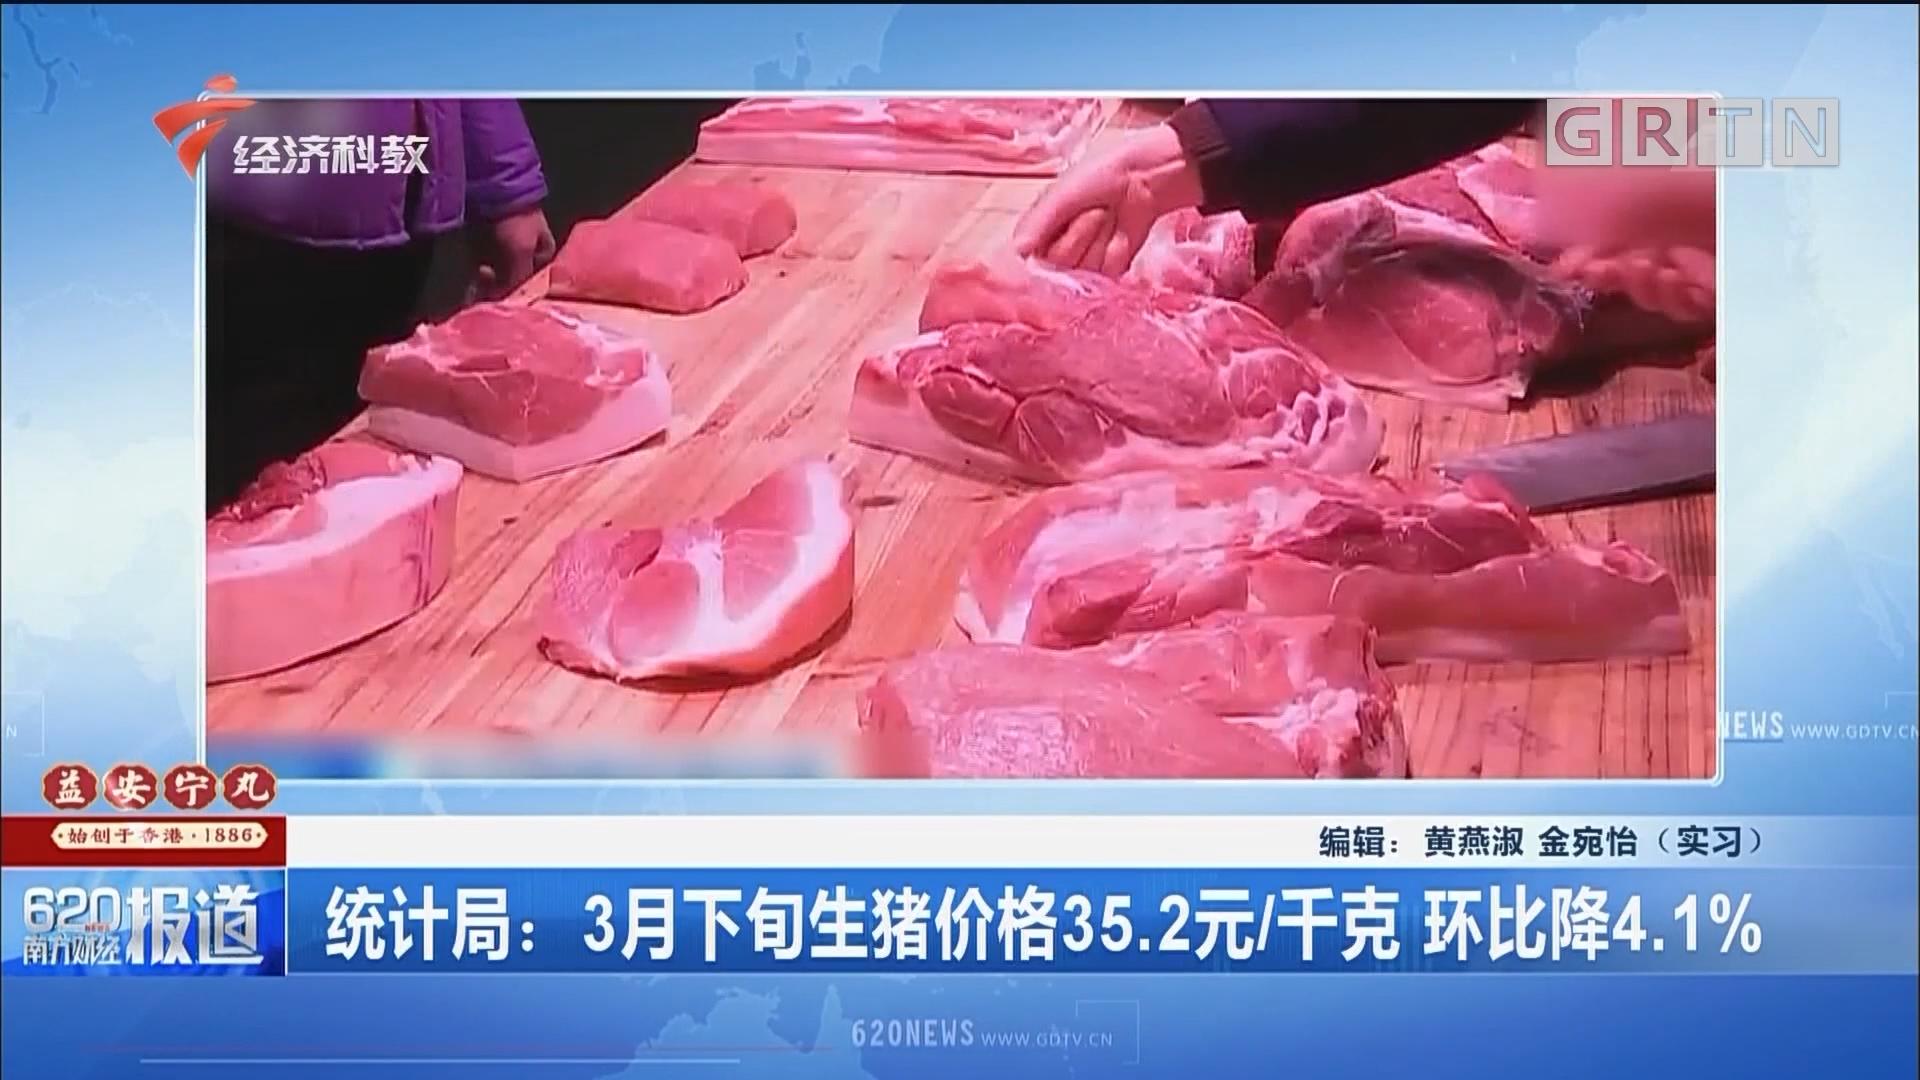 统计局:3月下旬生猪价格35.2元/千克 环比降4.1%